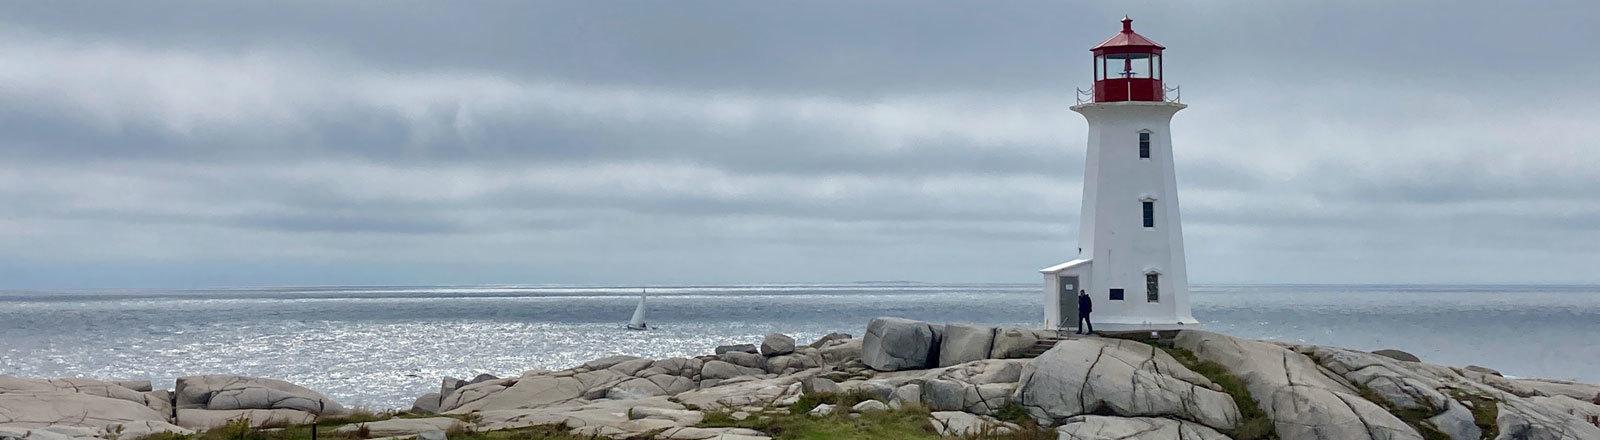 Peggy's Cove ist eine der wichtigsten touristischen Attraktionen in Nova Scotia